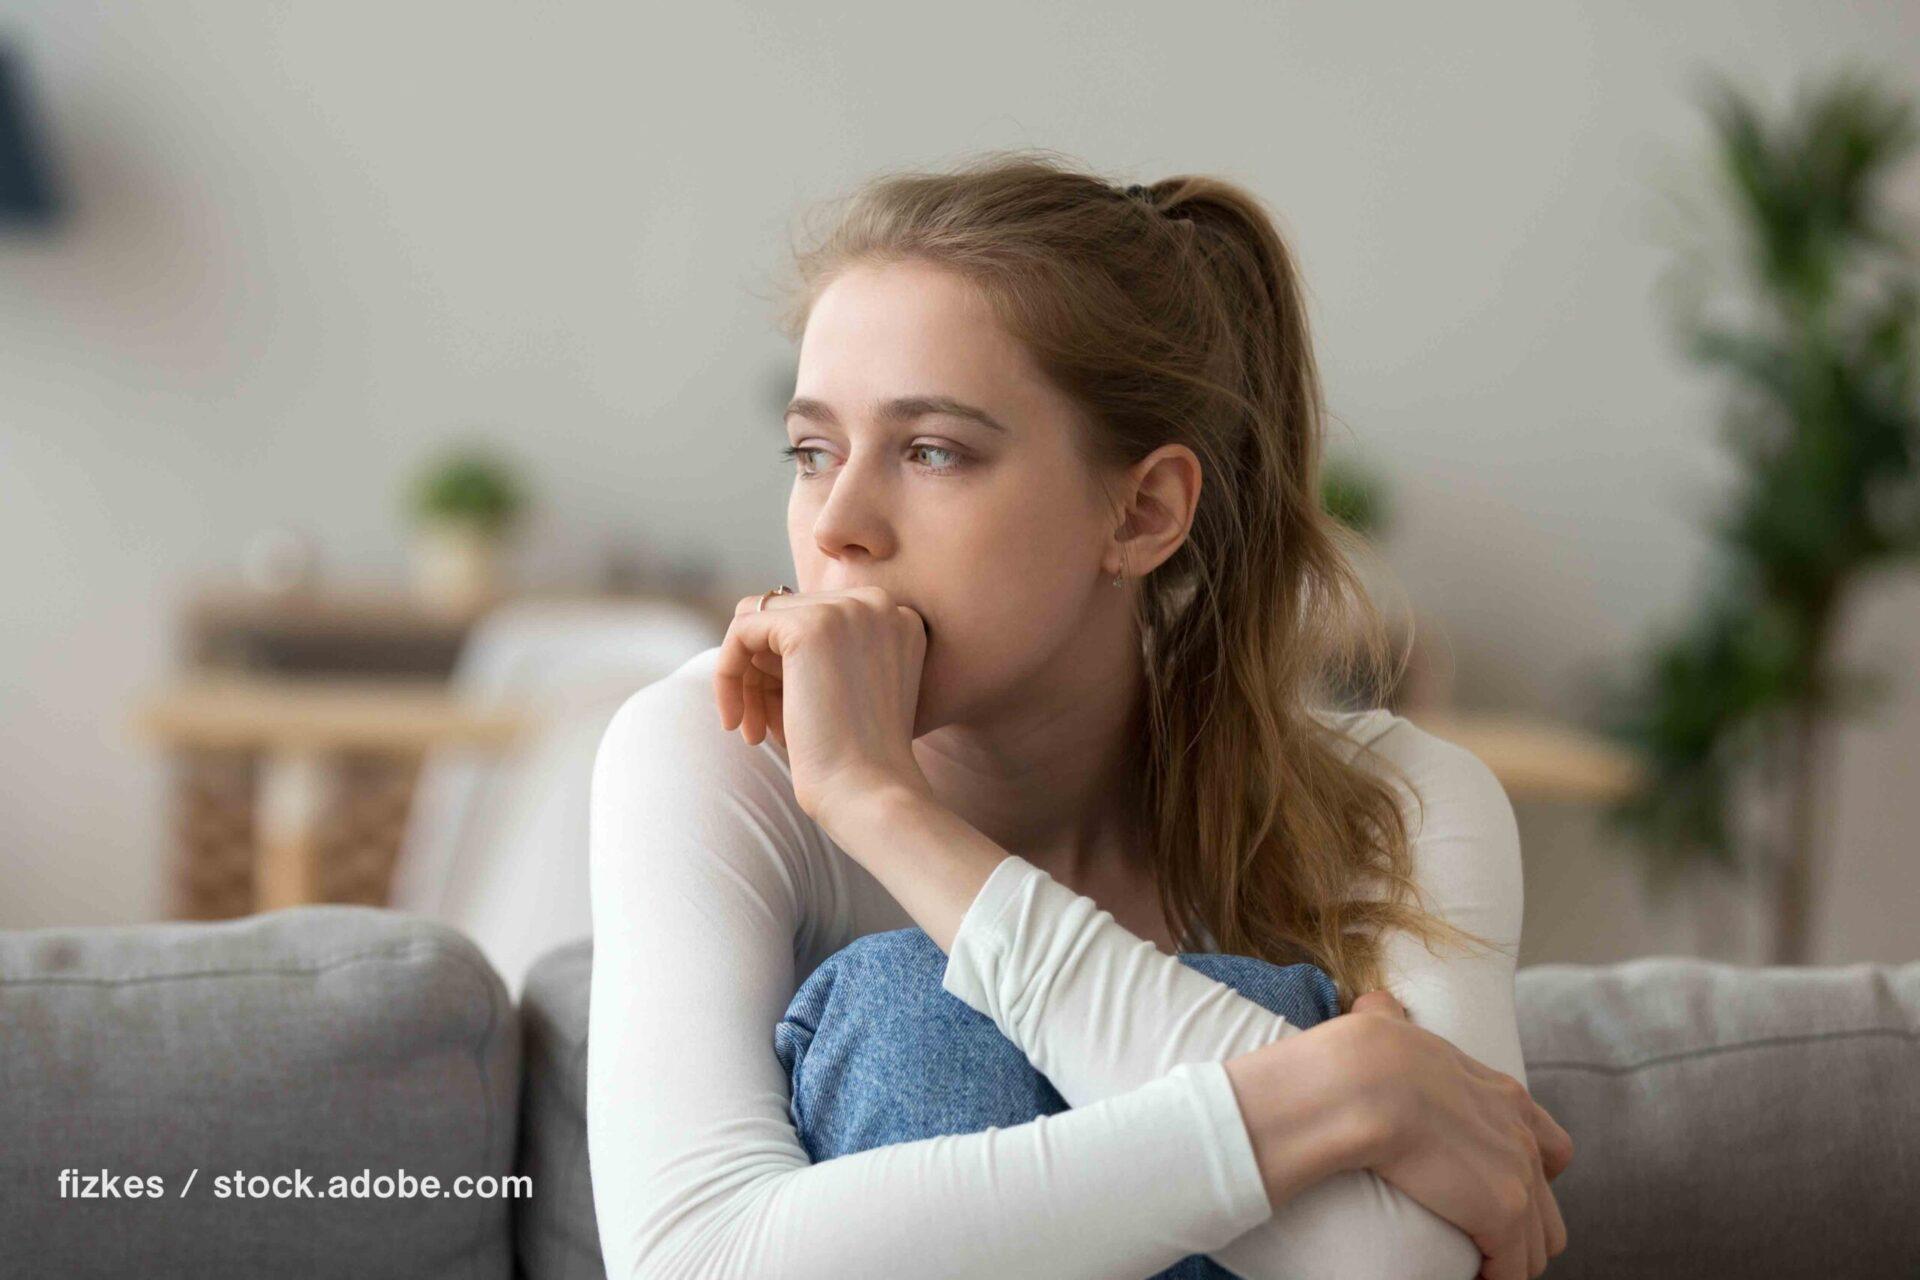 不妊治療がつらいと感じているあなたへ|無理してポジティブならないで